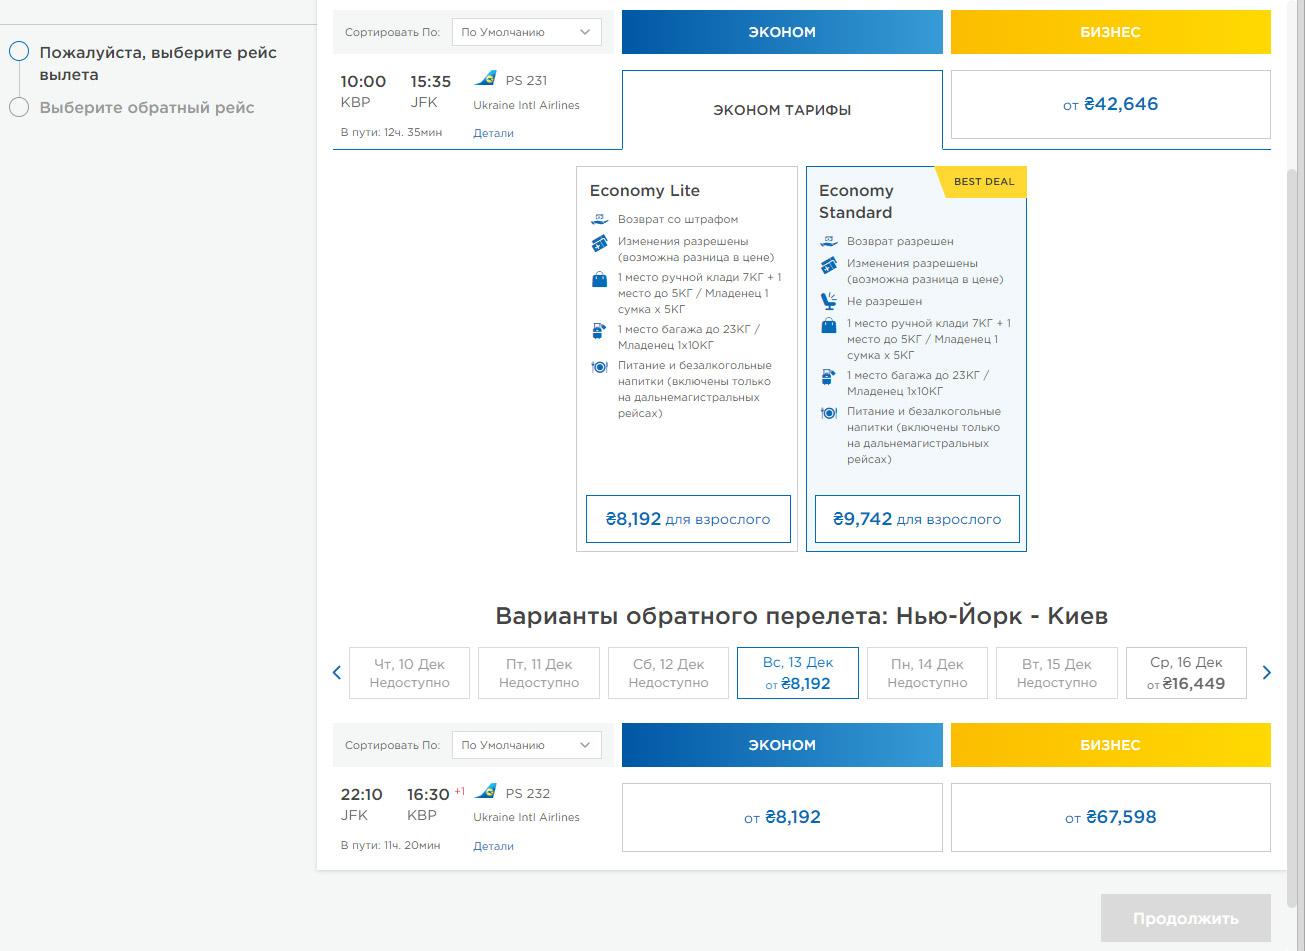 Выбор тарифов при бронировании авиабилетов Киев-Нью-Йорк-Киев на сайте МАУ